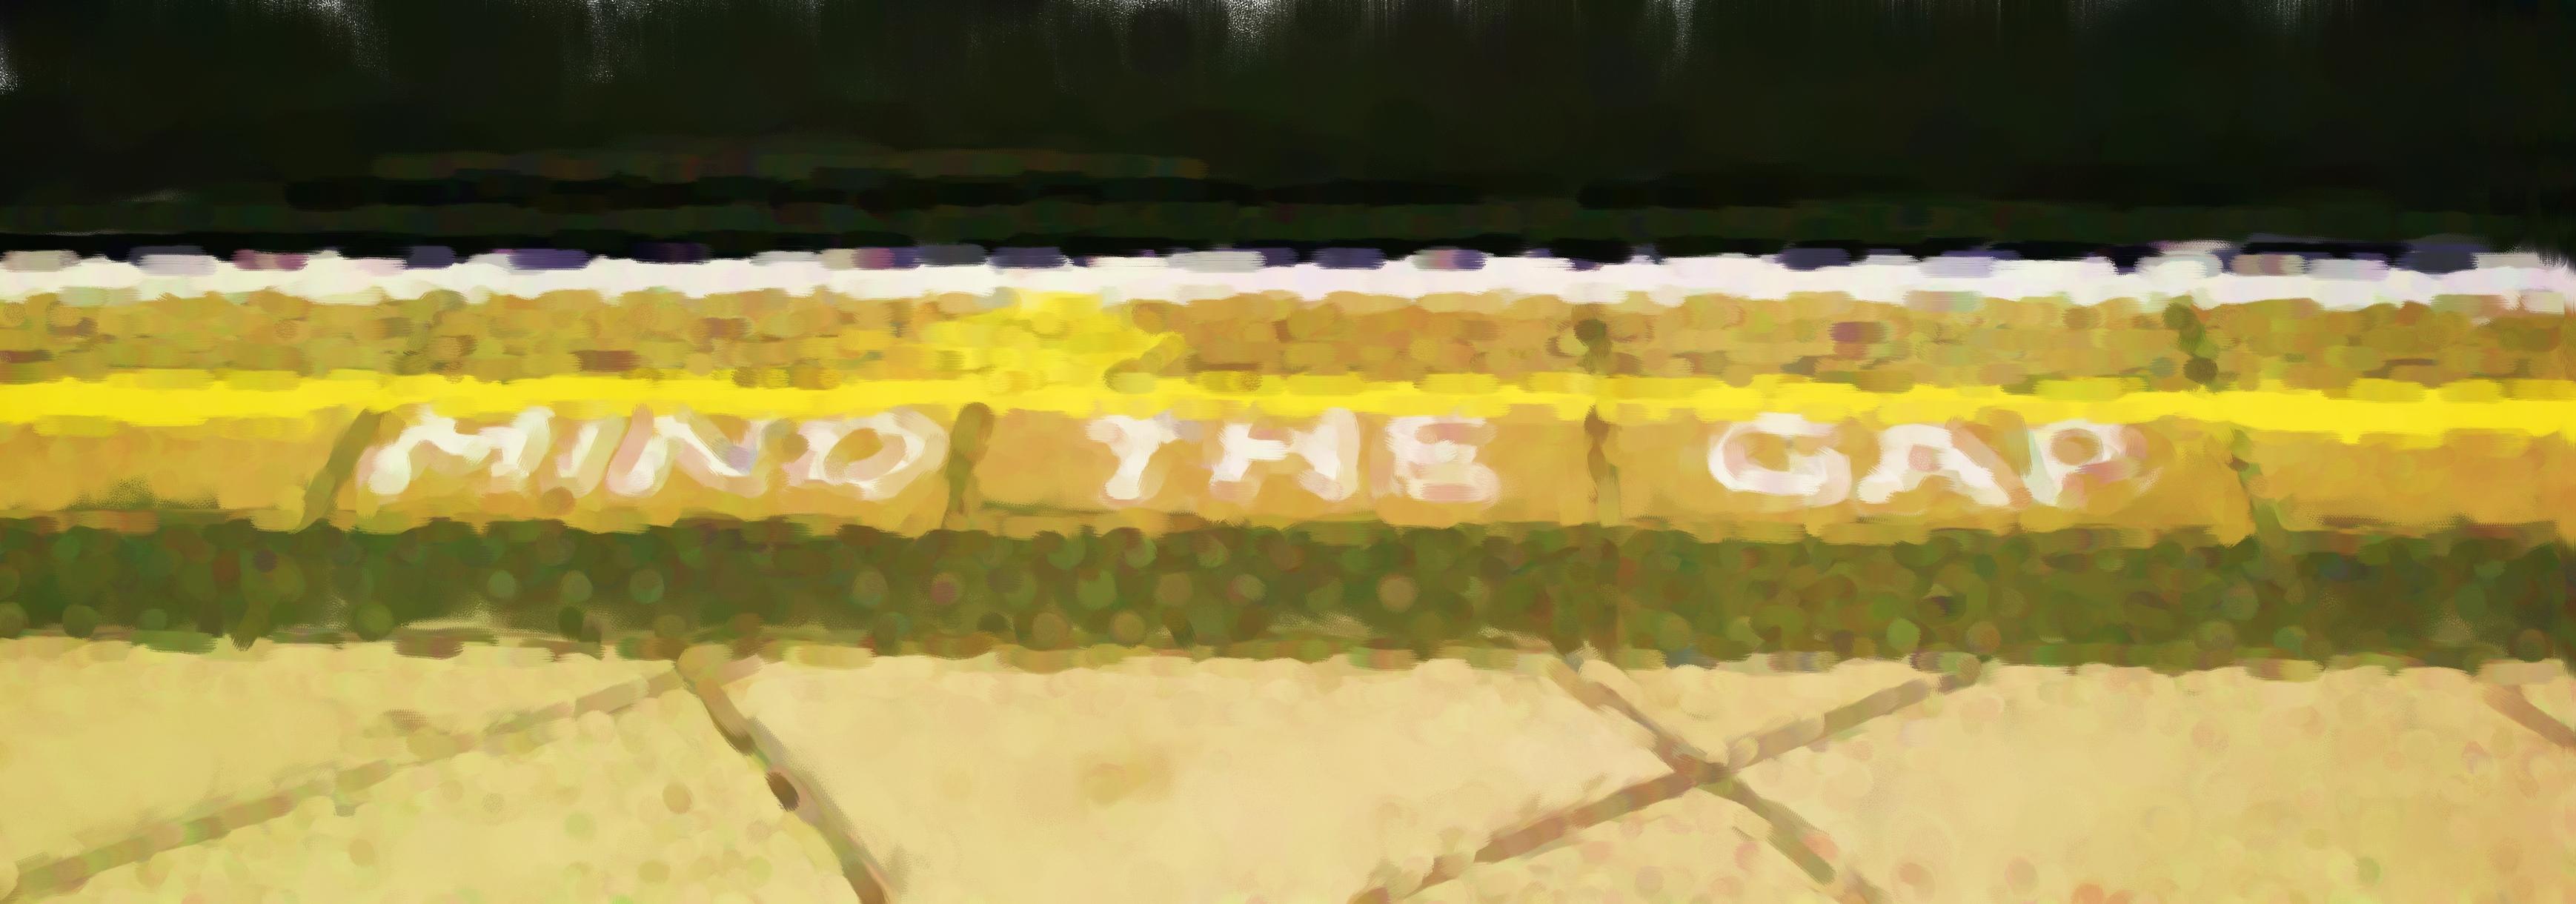 Mind the gap - platform sign